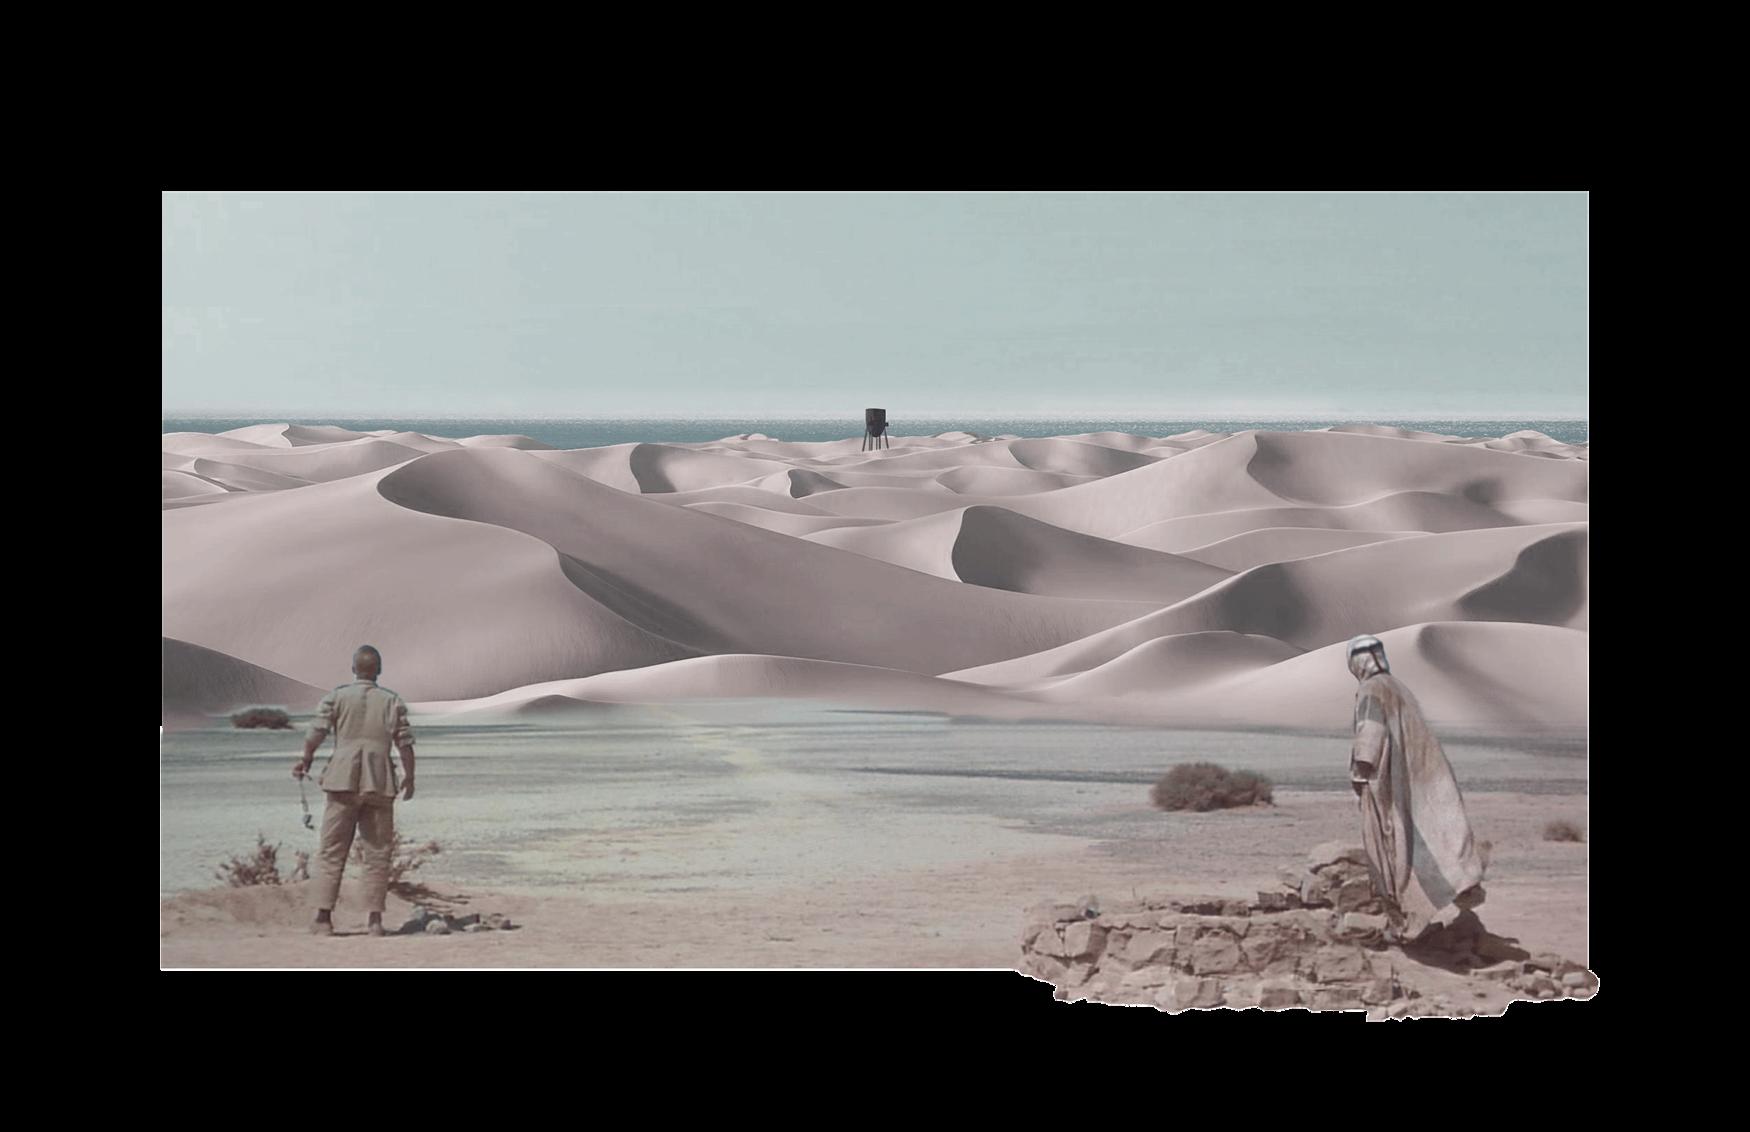 Desert clipart desert scene. Watertower the kennedy archive